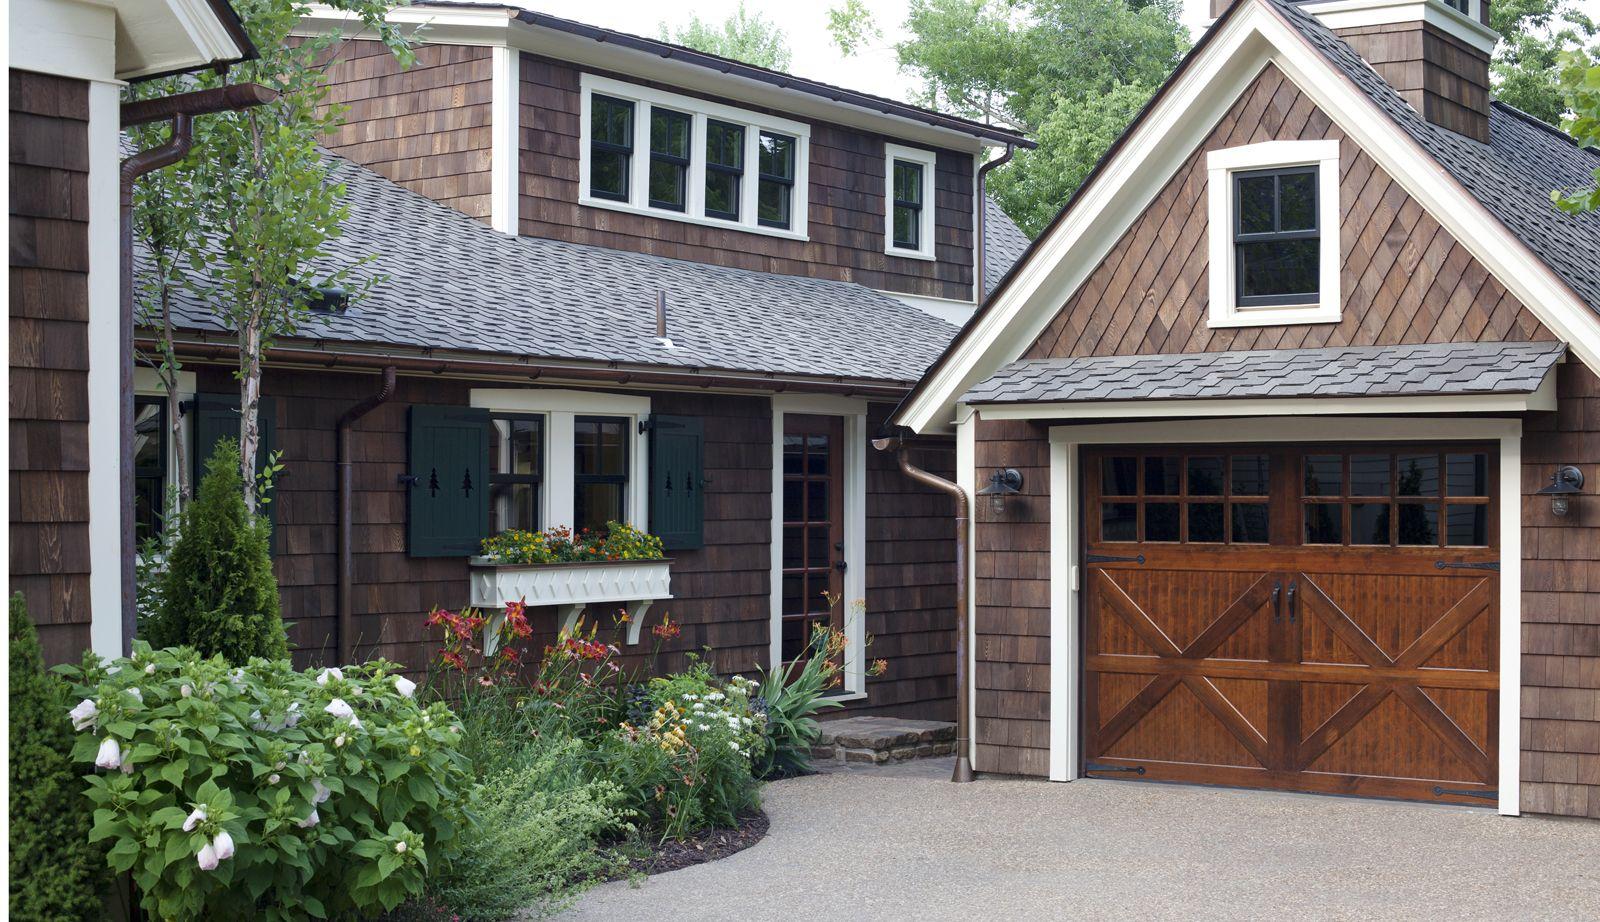 Exterior Cedar Shakes Above House Garage Door Cedar Shakes Above Garage Door Teak Wood Coplay Garage Door With Mirror Lites Dark Brown Wooden Vinyl Siding Dec